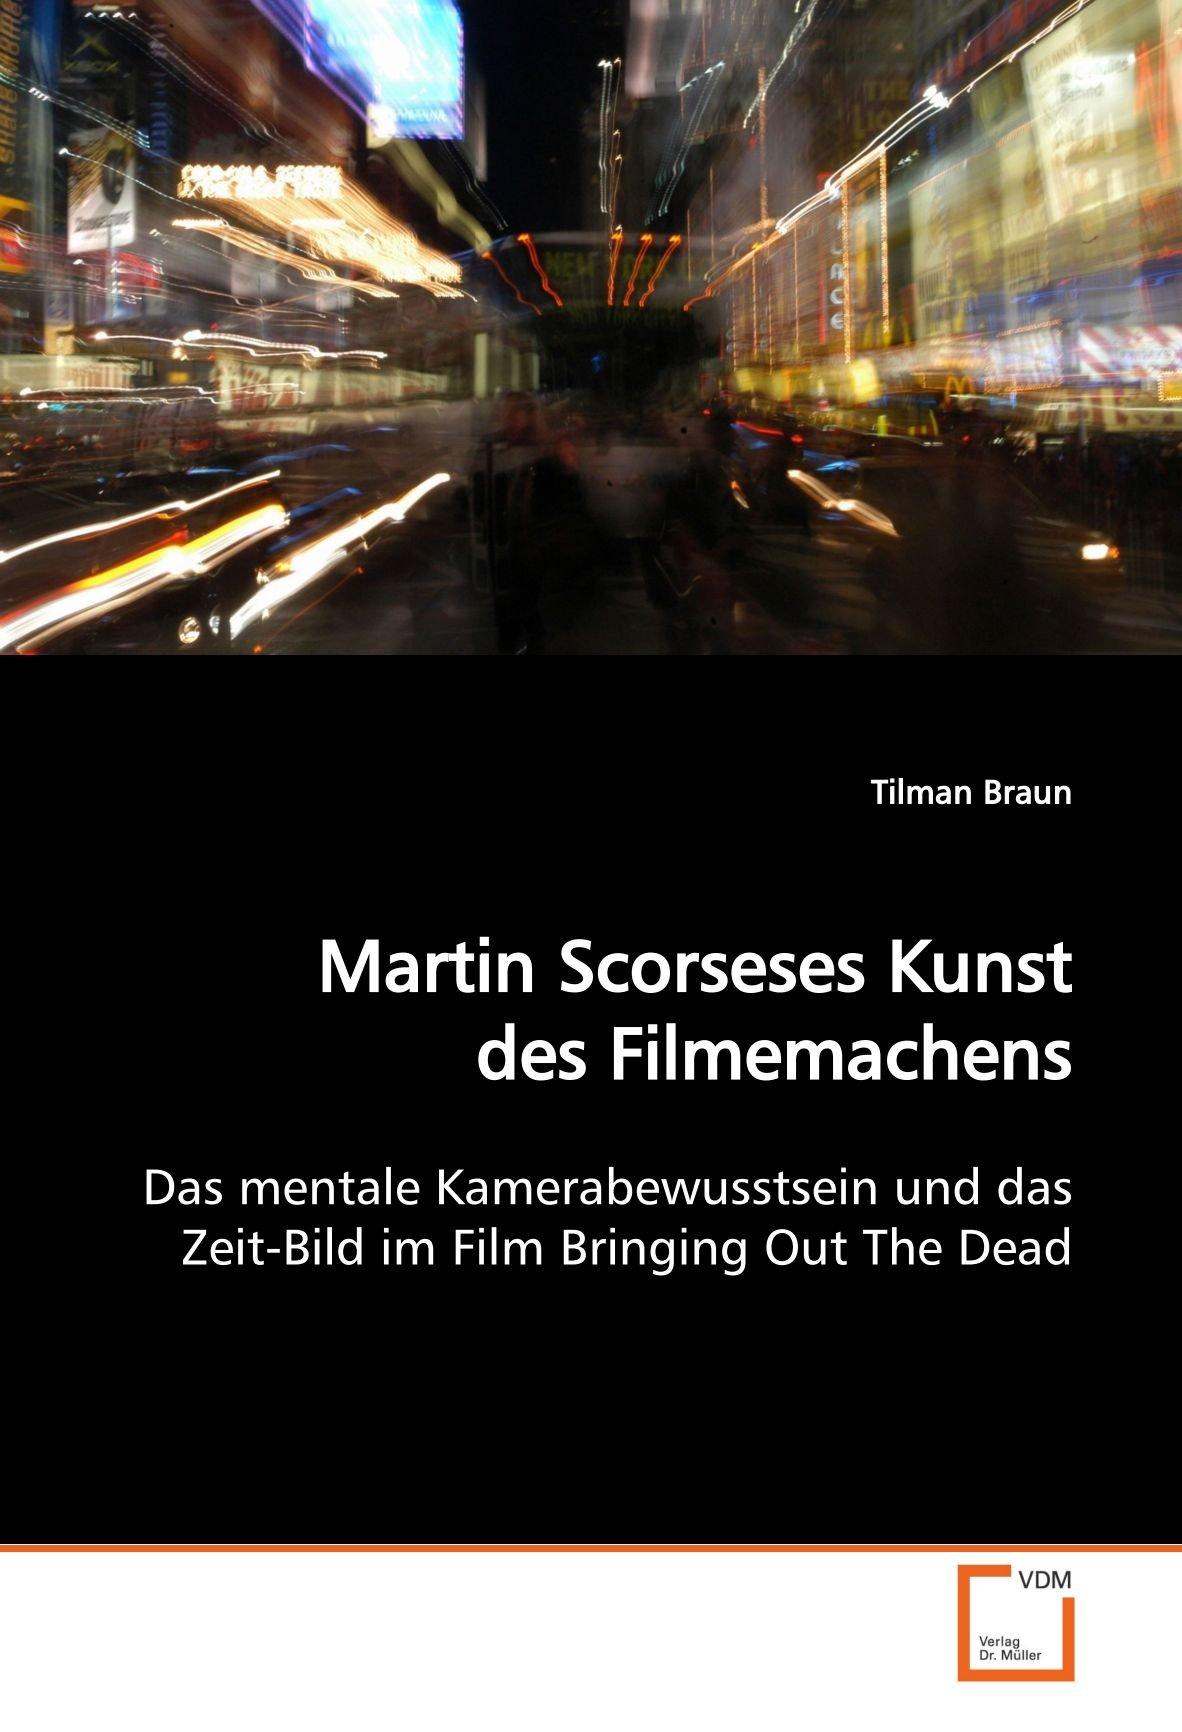 Download Martin Scorseses Kunst des Filmemachens: Das mentale Kamerabewusstsein und das Zeit-Bild im Film Bringing Out The Dead (German Edition) ebook